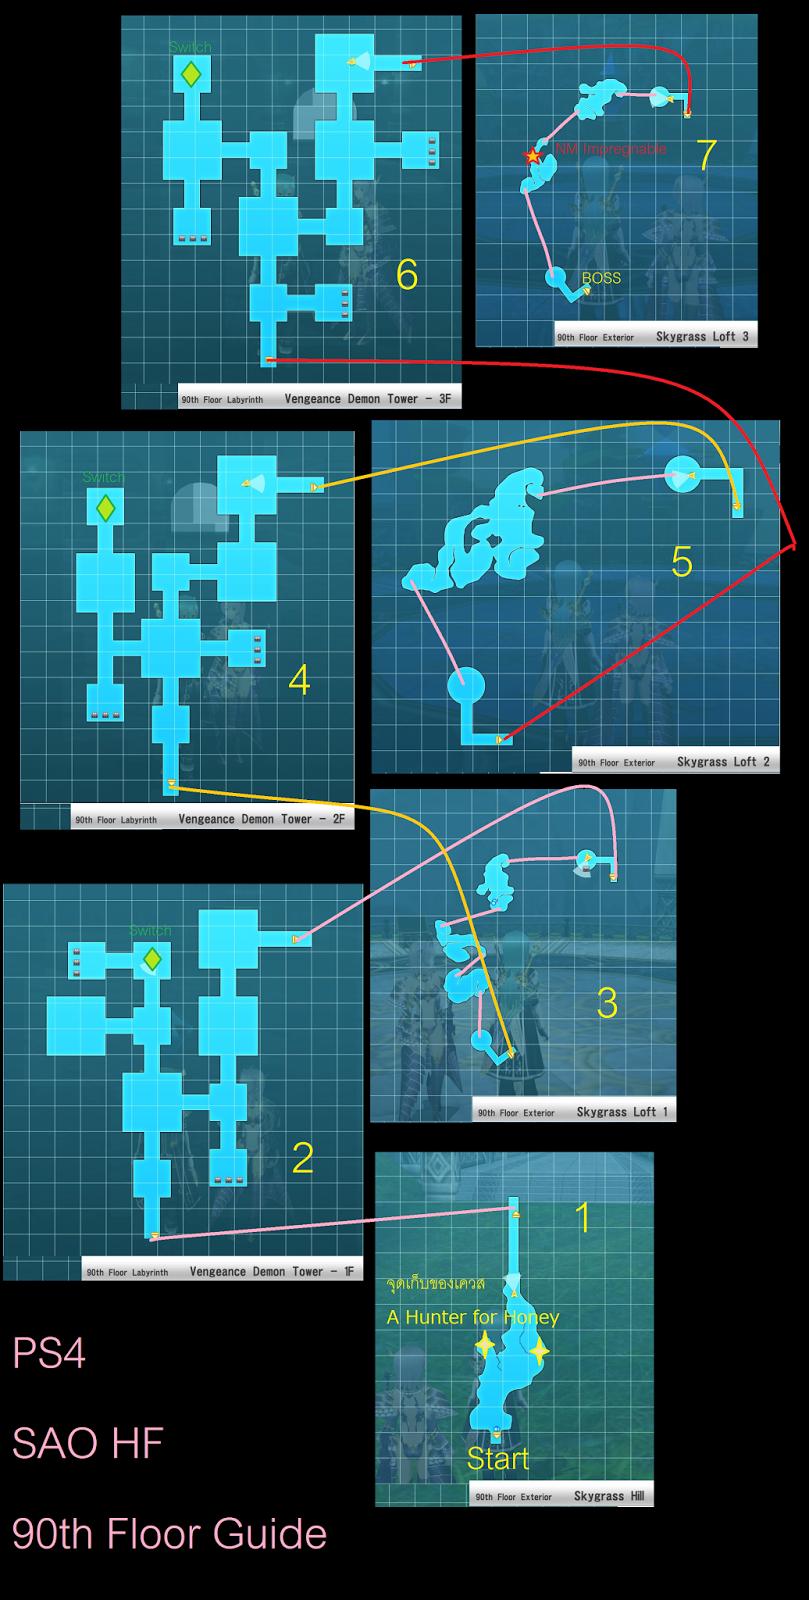 Hatsunu Mike: Sword Art Online : Hollow Fragment Aincrad 90th Floor